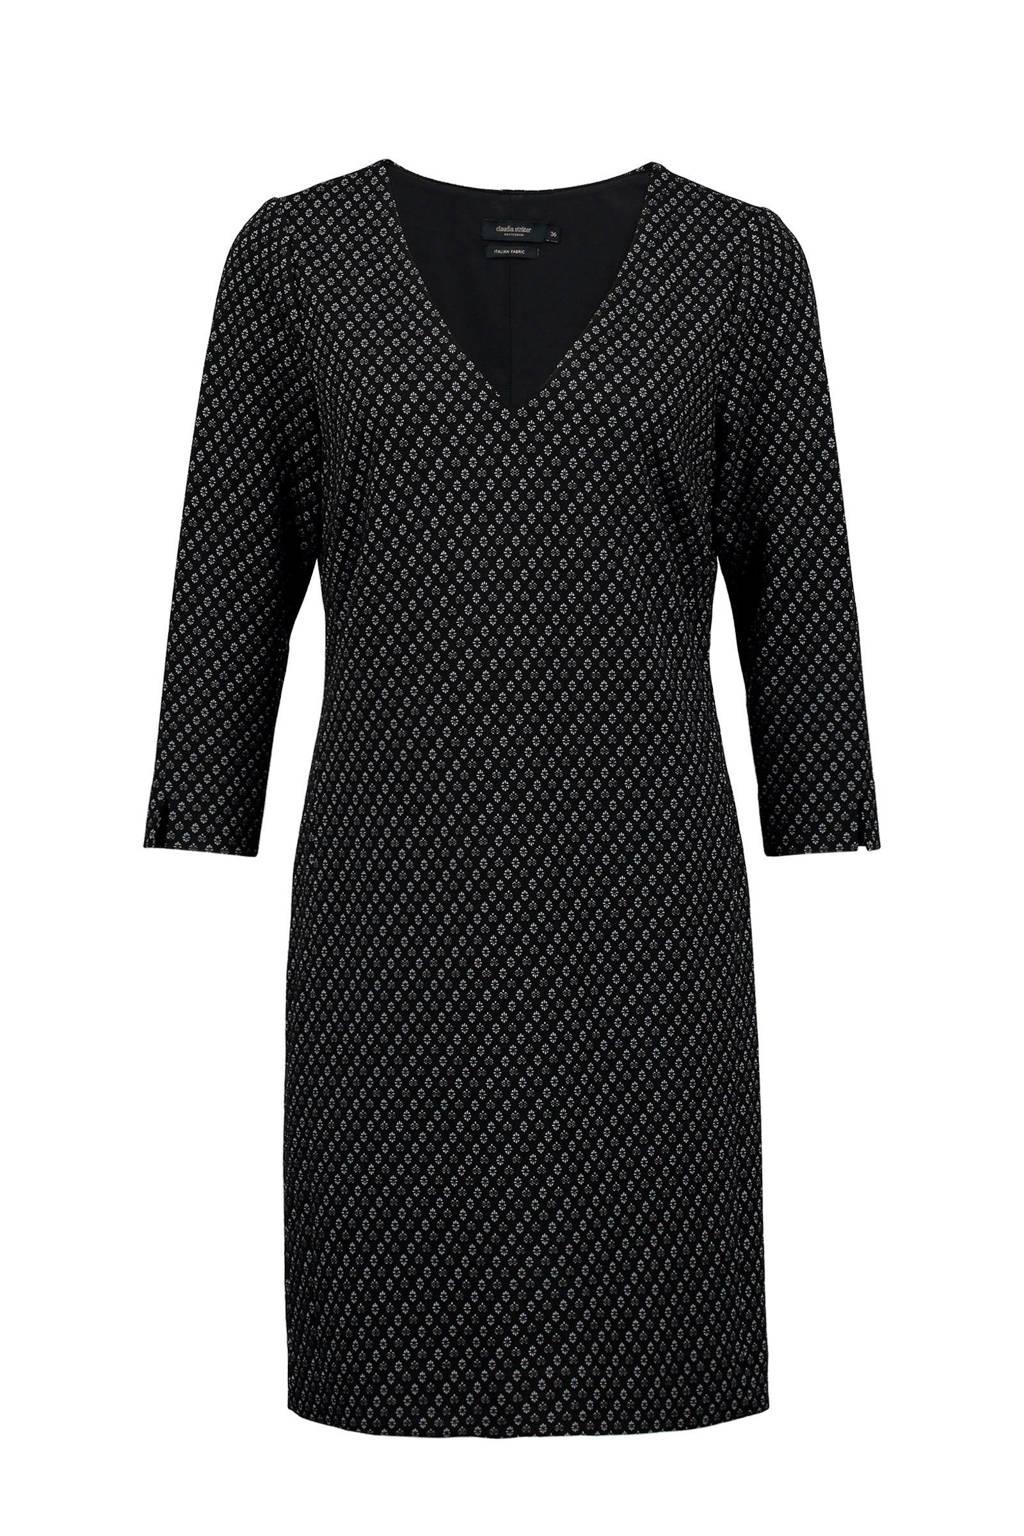 Claudia Sträter jurk, Zwart